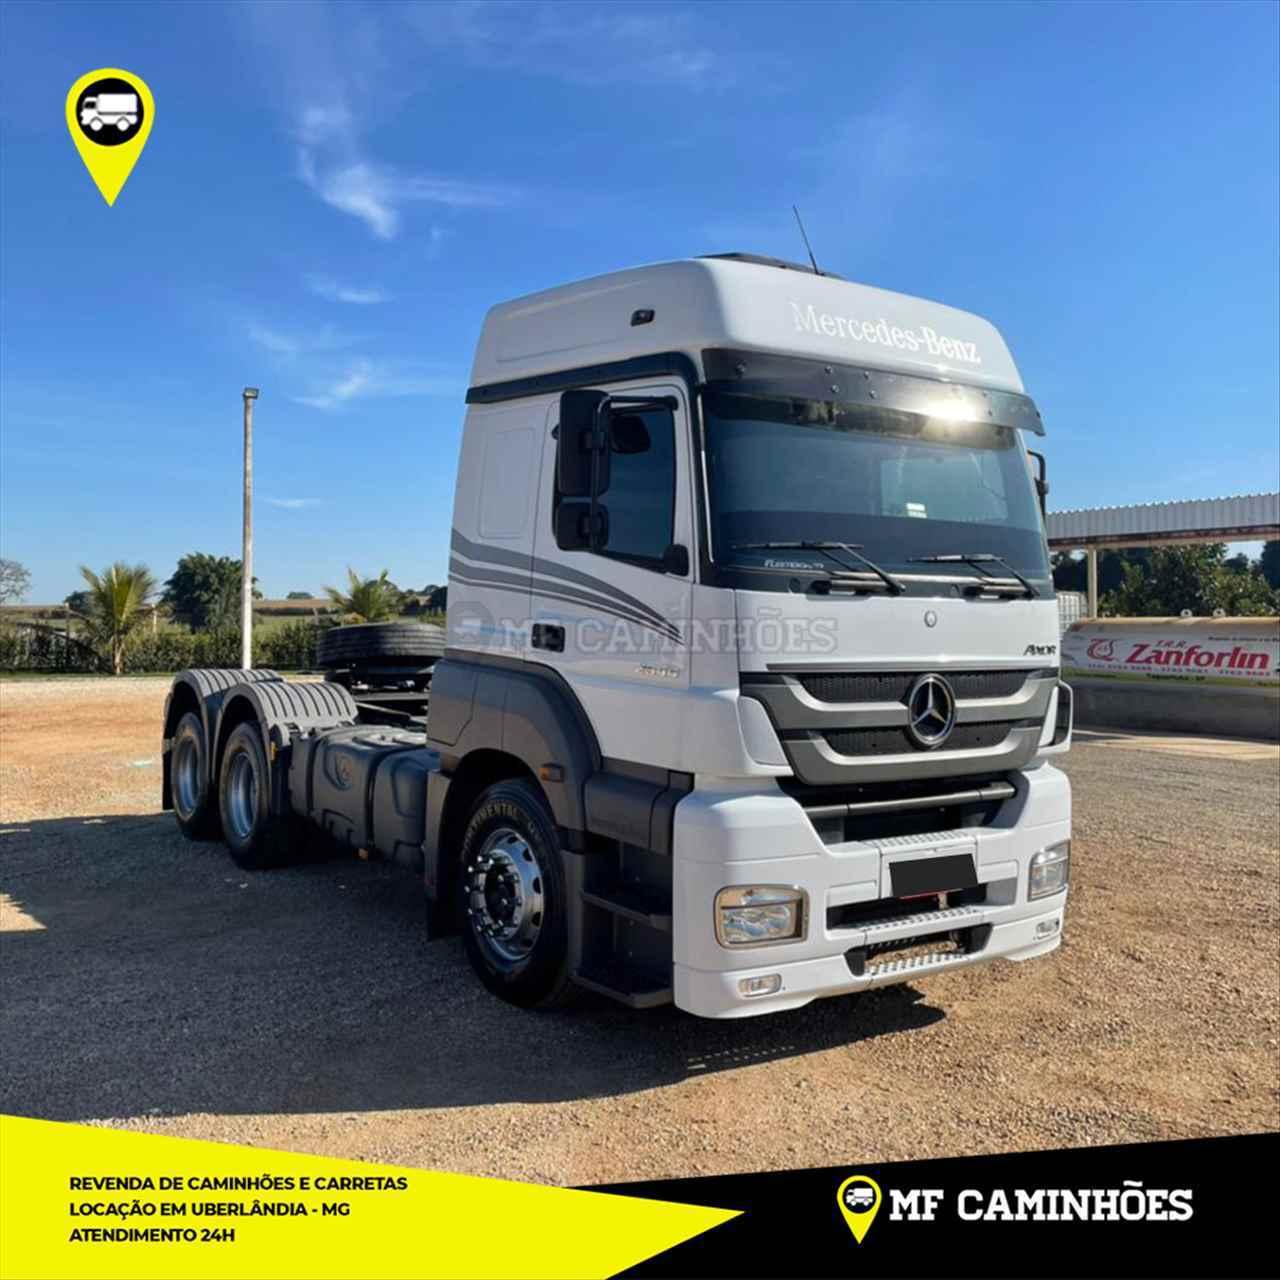 CAMINHAO MERCEDES-BENZ MB 2544 Cavalo Mecânico 3/4 6x2 MF Caminhões UBERLANDIA MINAS GERAIS MG